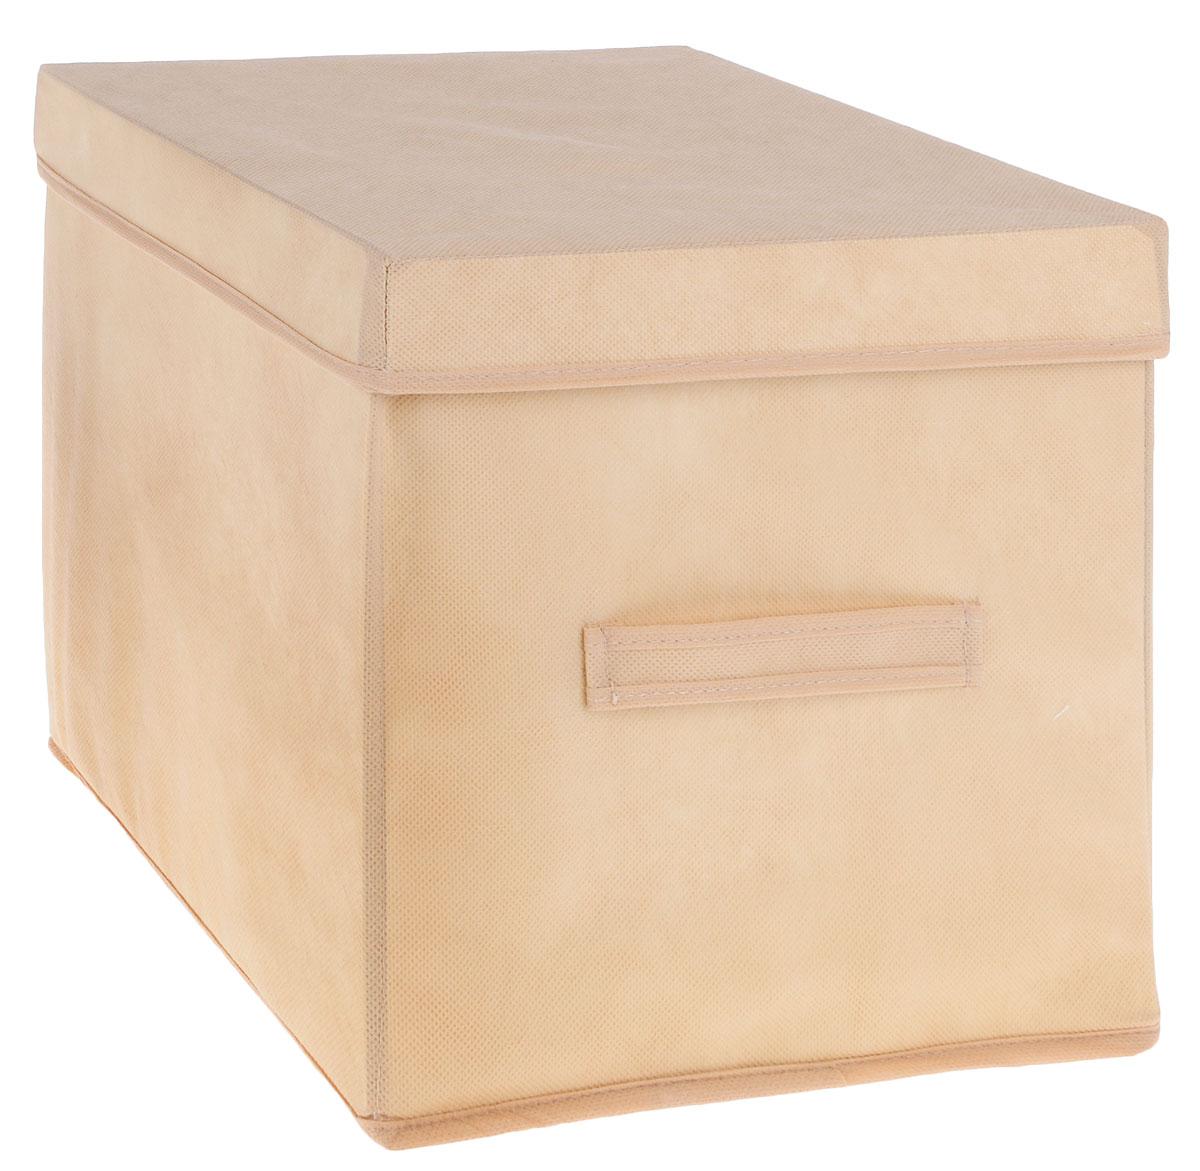 Коробка для вещей и игрушек Все на местах Minimalistic, с крышкой, цвет: бежевый, 30 х 30 х 30 см1011036Коробка с крышкой Minimalistic выполнена из высококачественного нетканого материала, который обеспечивает естественную вентиляцию и предназначен для хранения вещей или игрушек. Он защитит вещи от повреждений, пыли, влаги и загрязнений во время хранения и транспортировки. Размер коробки: 30 х 30 х 30 см.